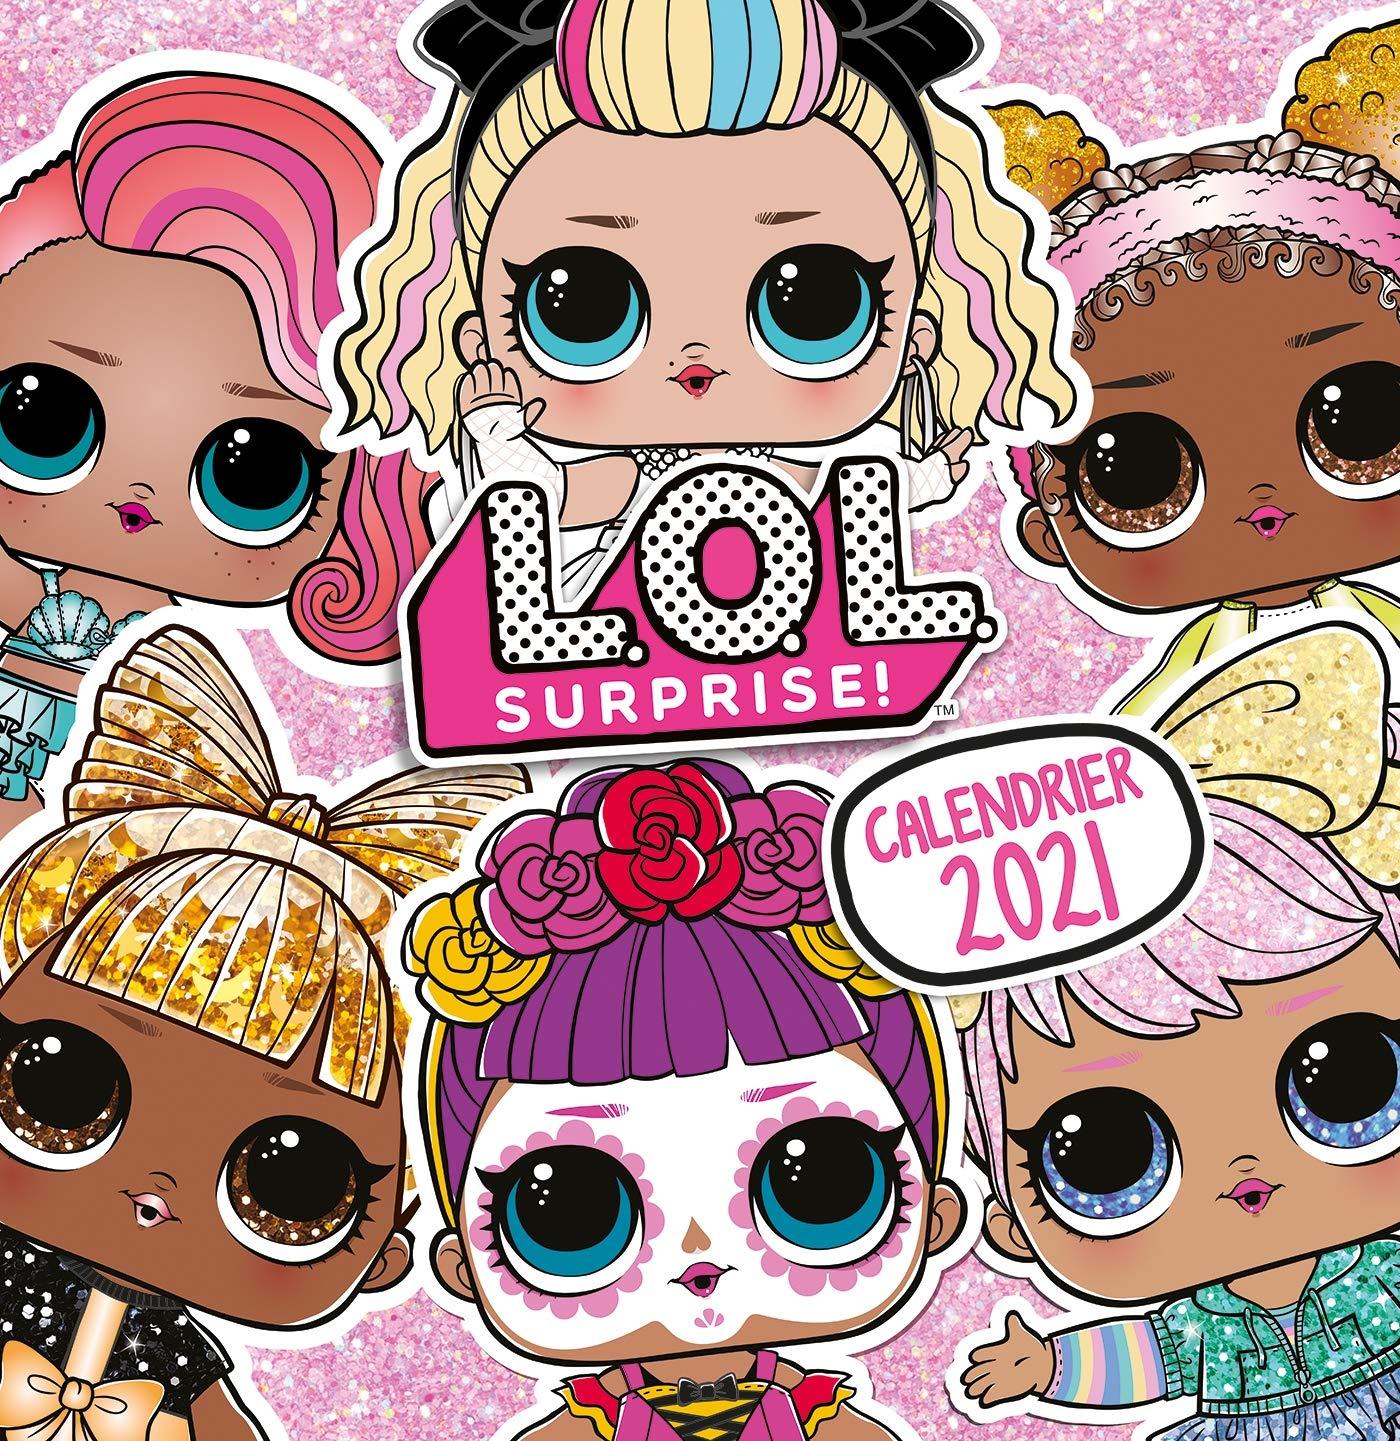 L.O.L. Surprise!   Calendrier 2020 2021: 9782017131502: Amazon.